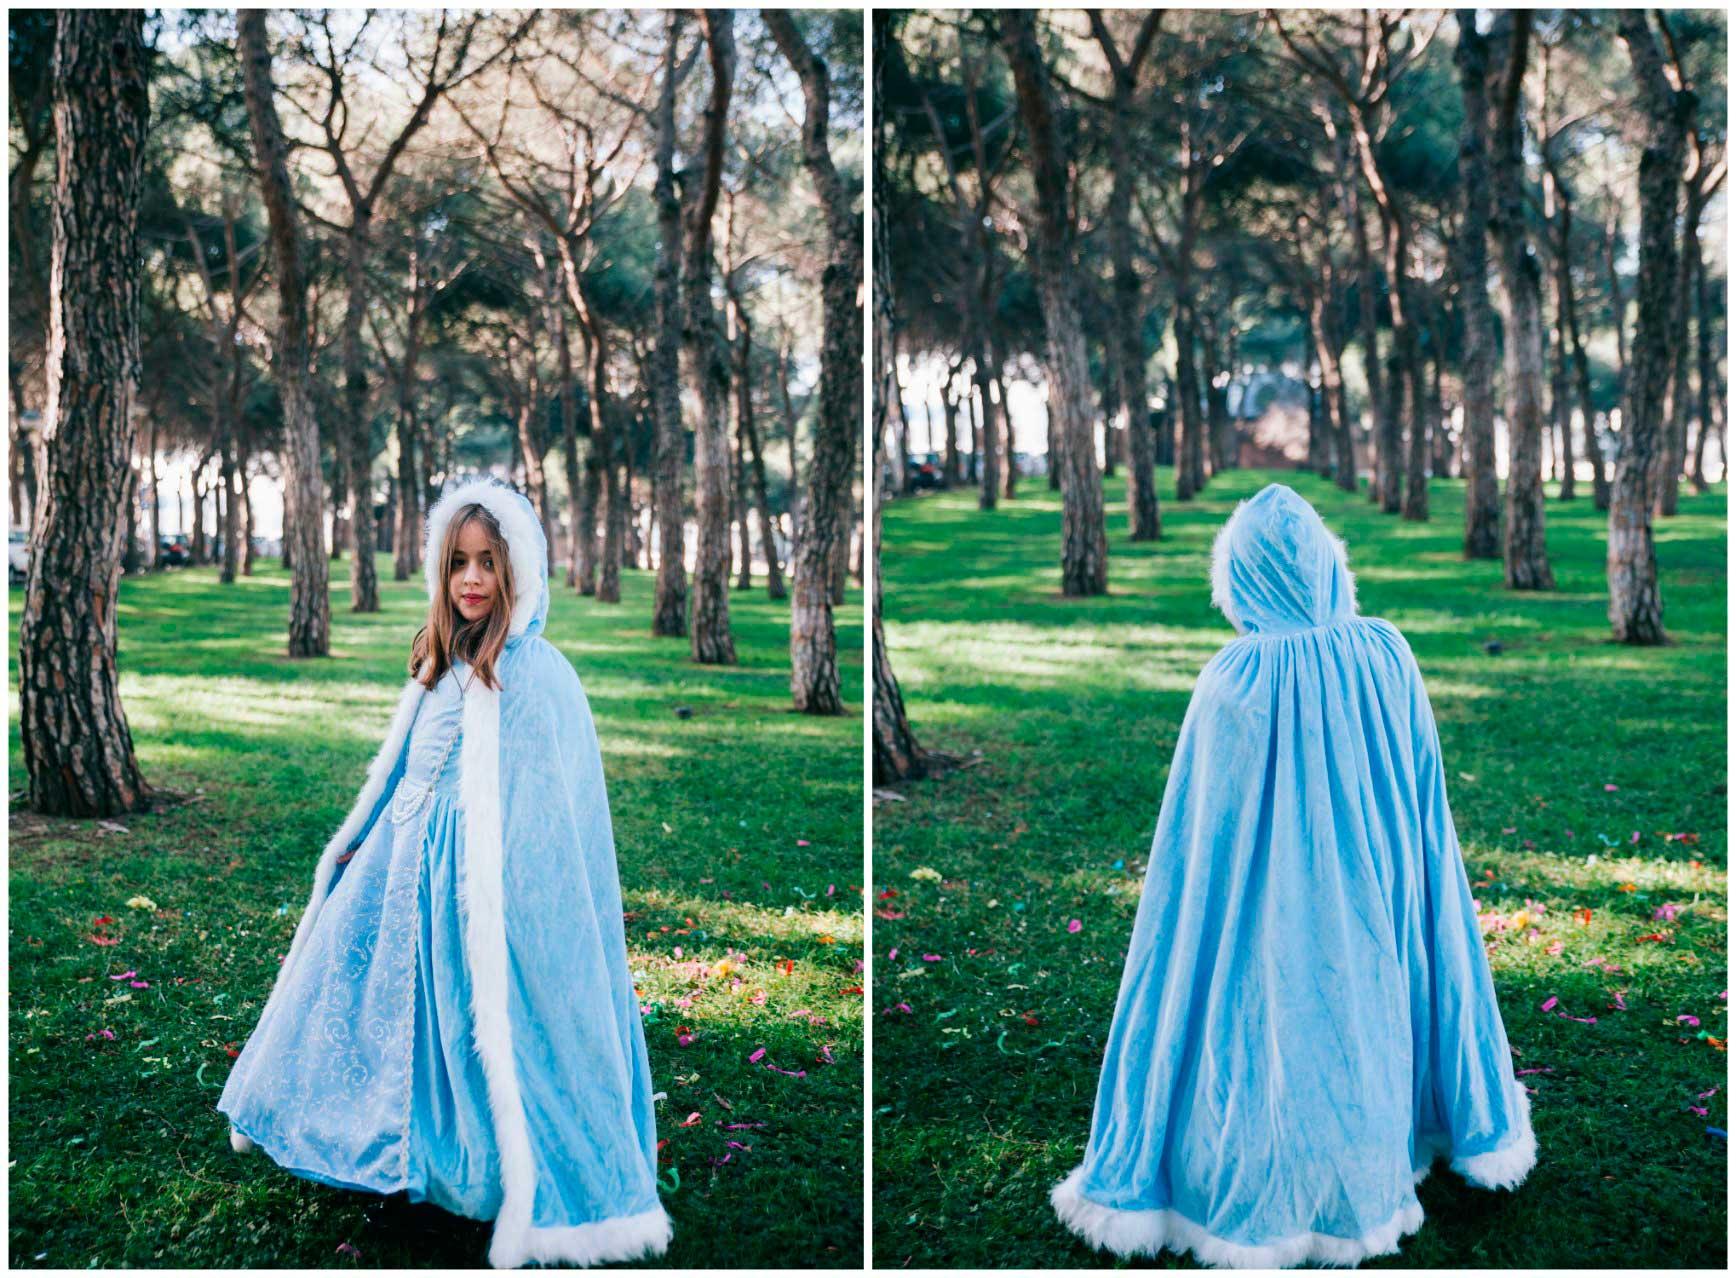 Carnaval_2017_el-corte-ingles-disfraz-frozen